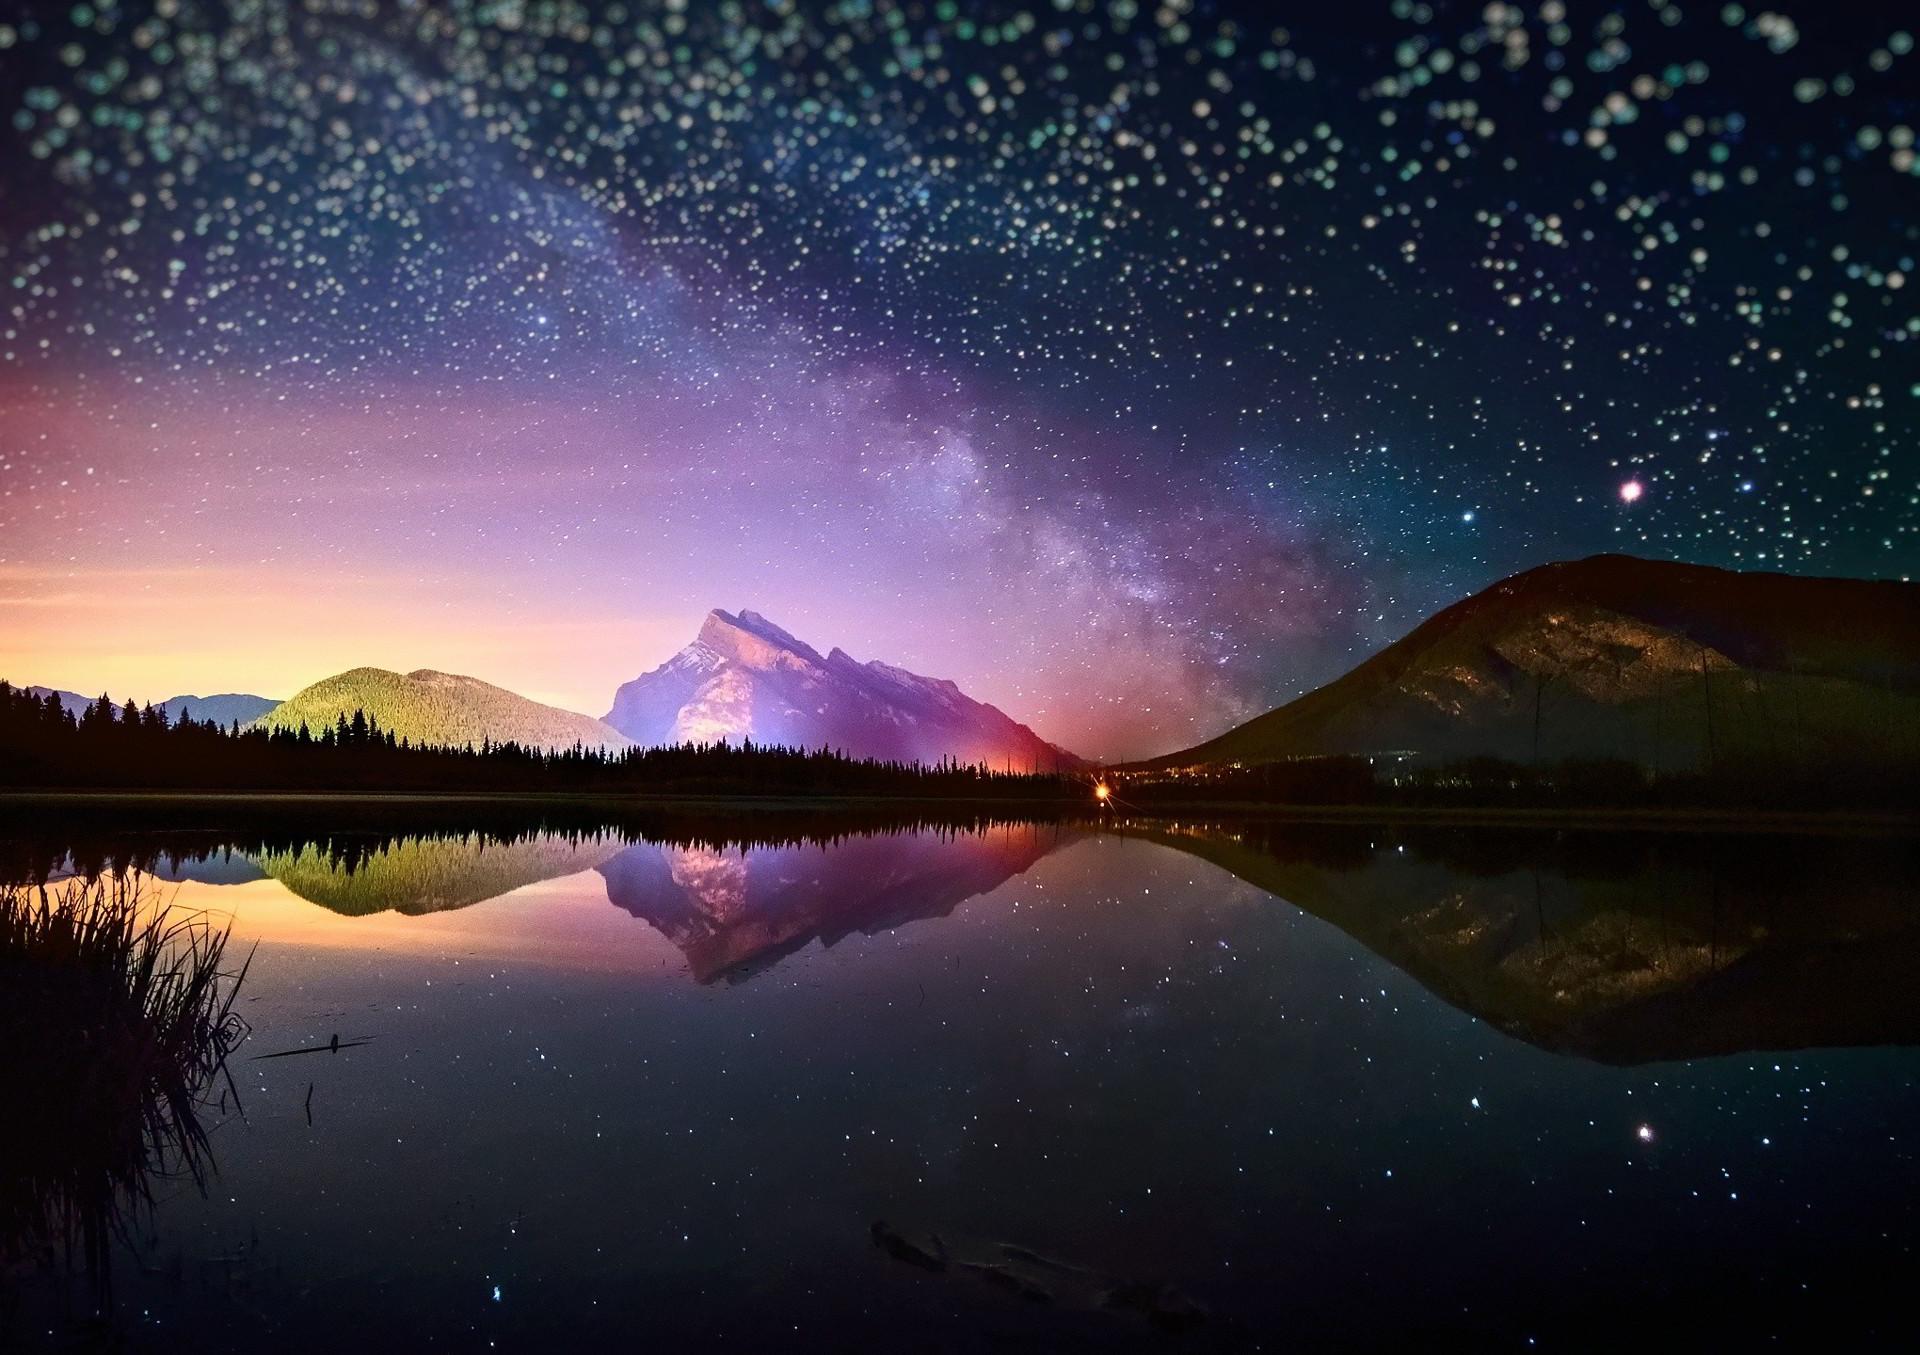 hình nền bầu trời đêm đầy sao